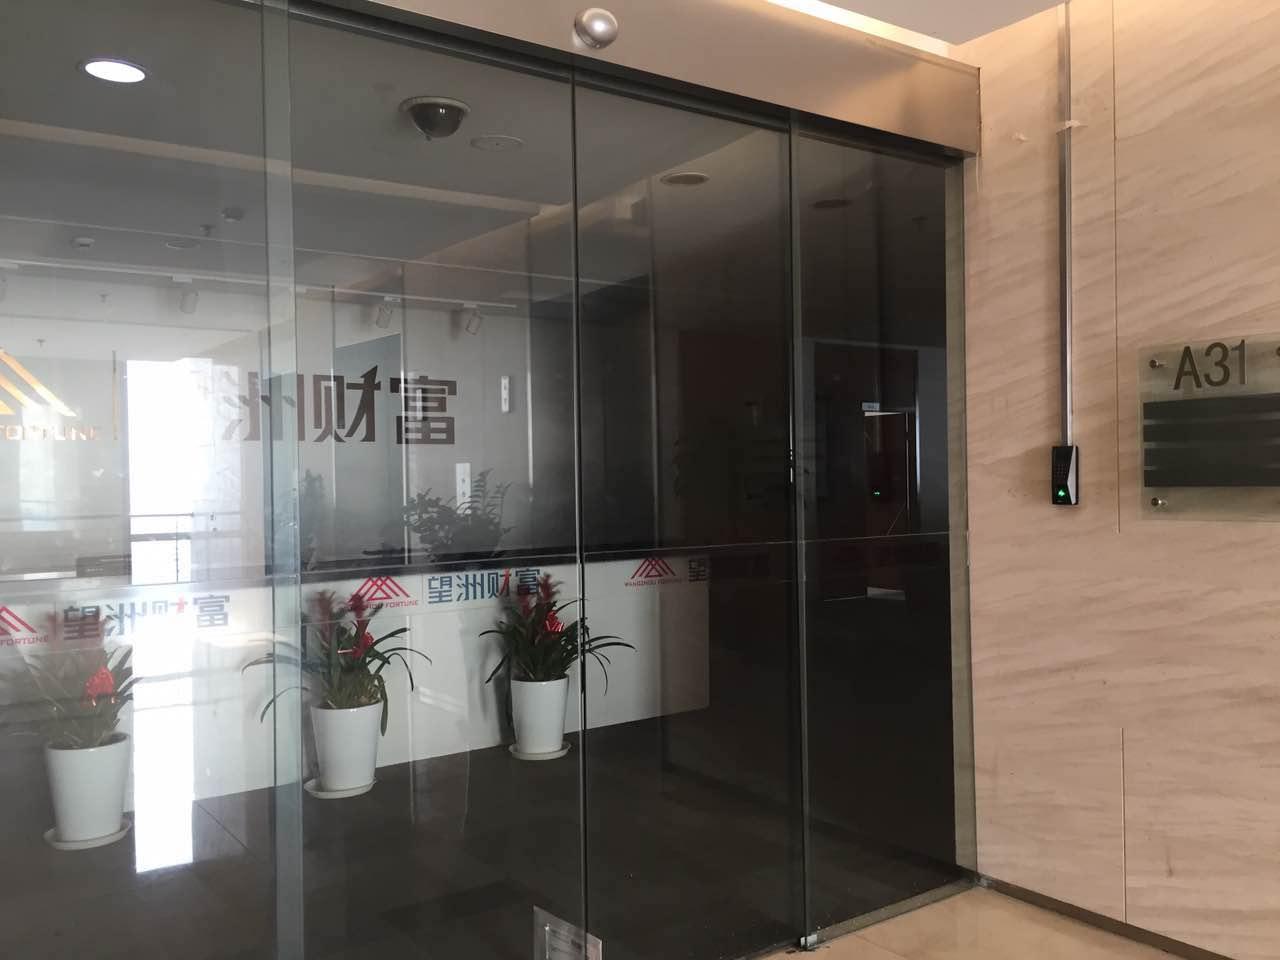 【现场直击!】望洲财富上海办公地人去楼空_第一财经